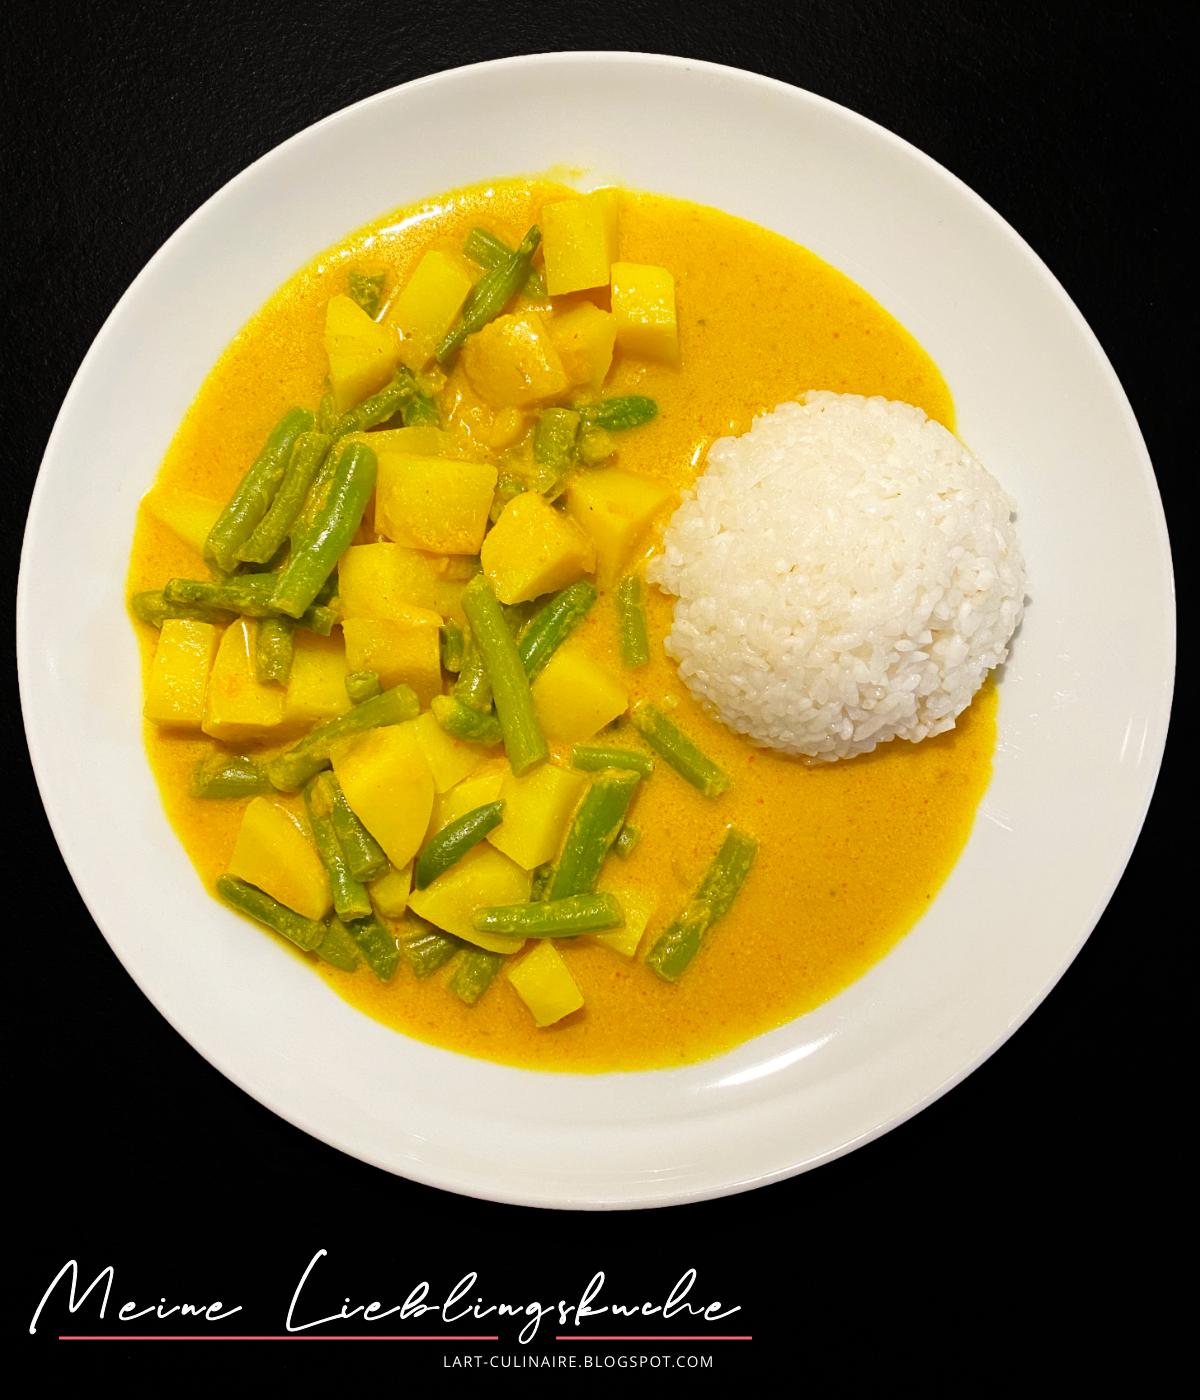 Brechbohnen und Kartoffeln in Curry-Kokosmilch-Soße